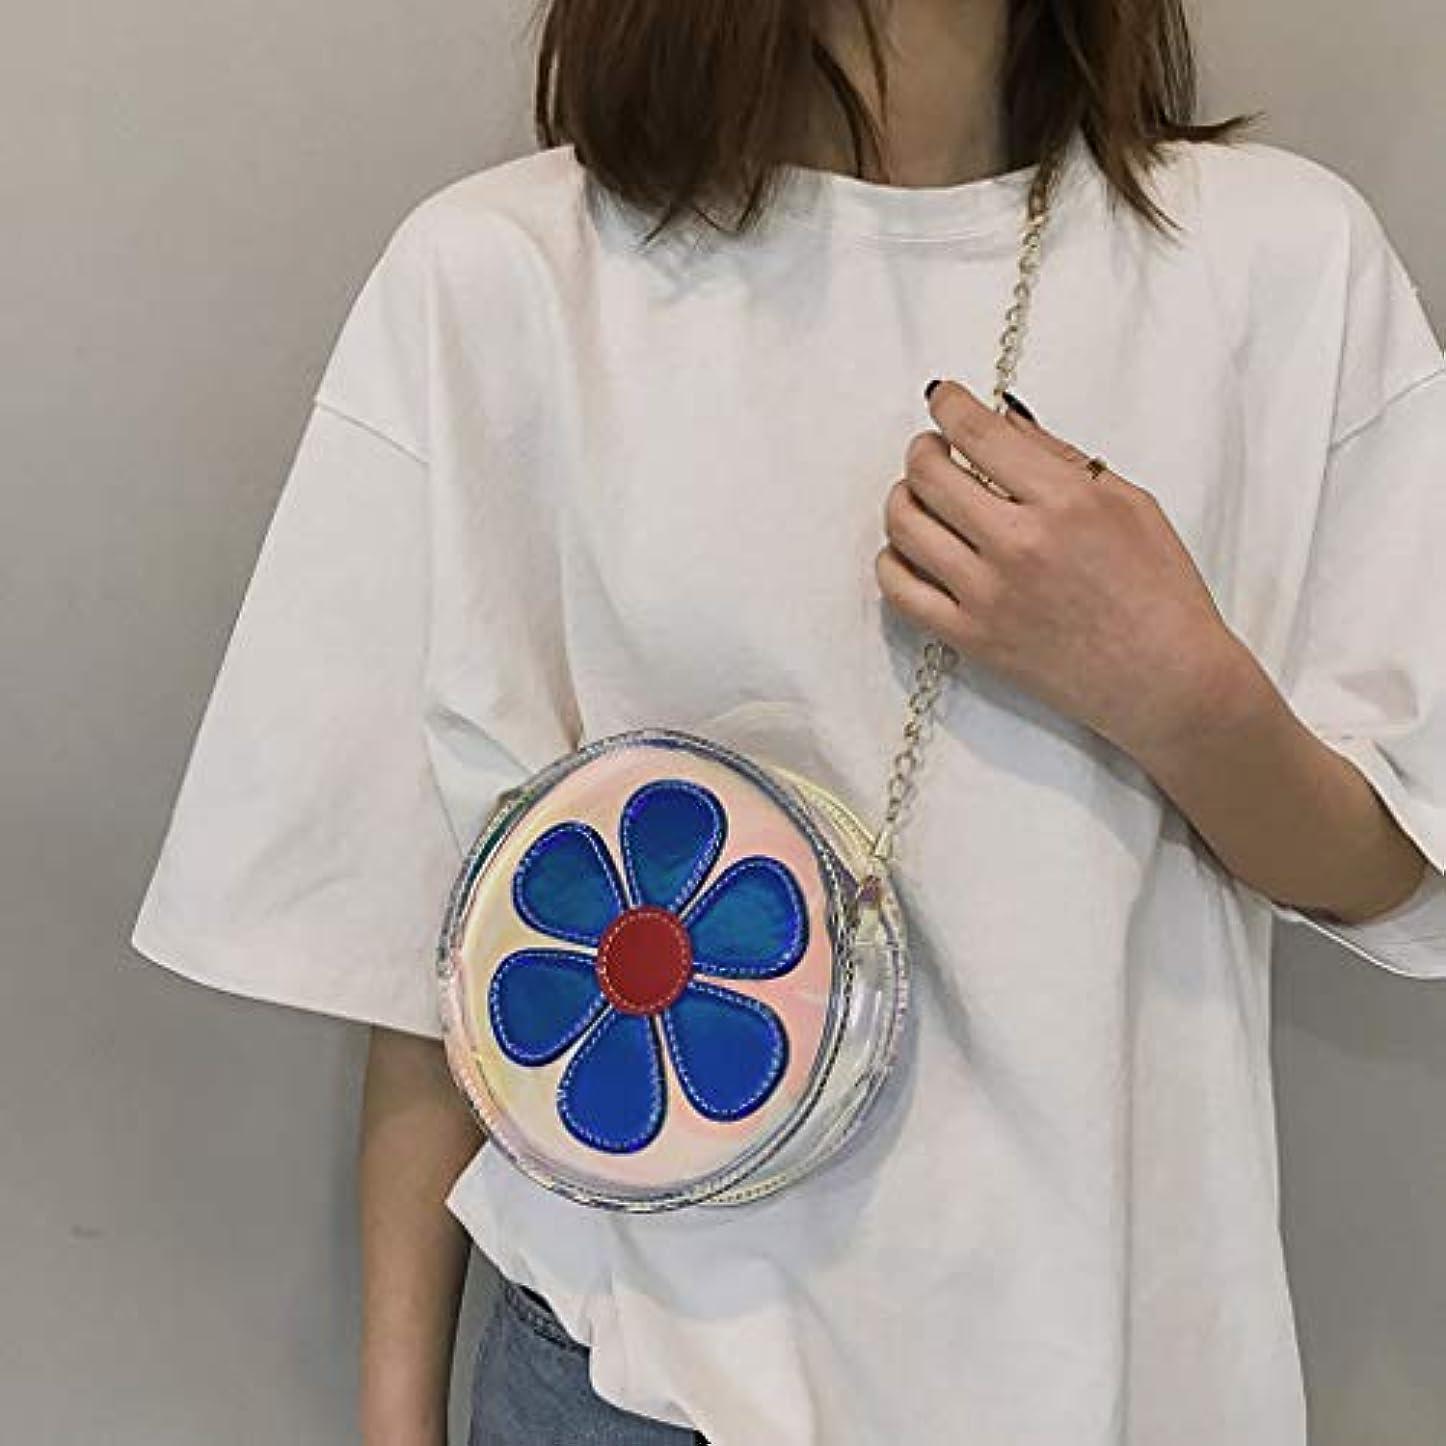 田舎者電話をかける真鍮女性カジュアル野生透明花かわいいショルダーバッグメッセンジャーバッグ、ファッション女性透明レーザーフラワーショルダーバッグメッセンジャーバッグ (ブルー)